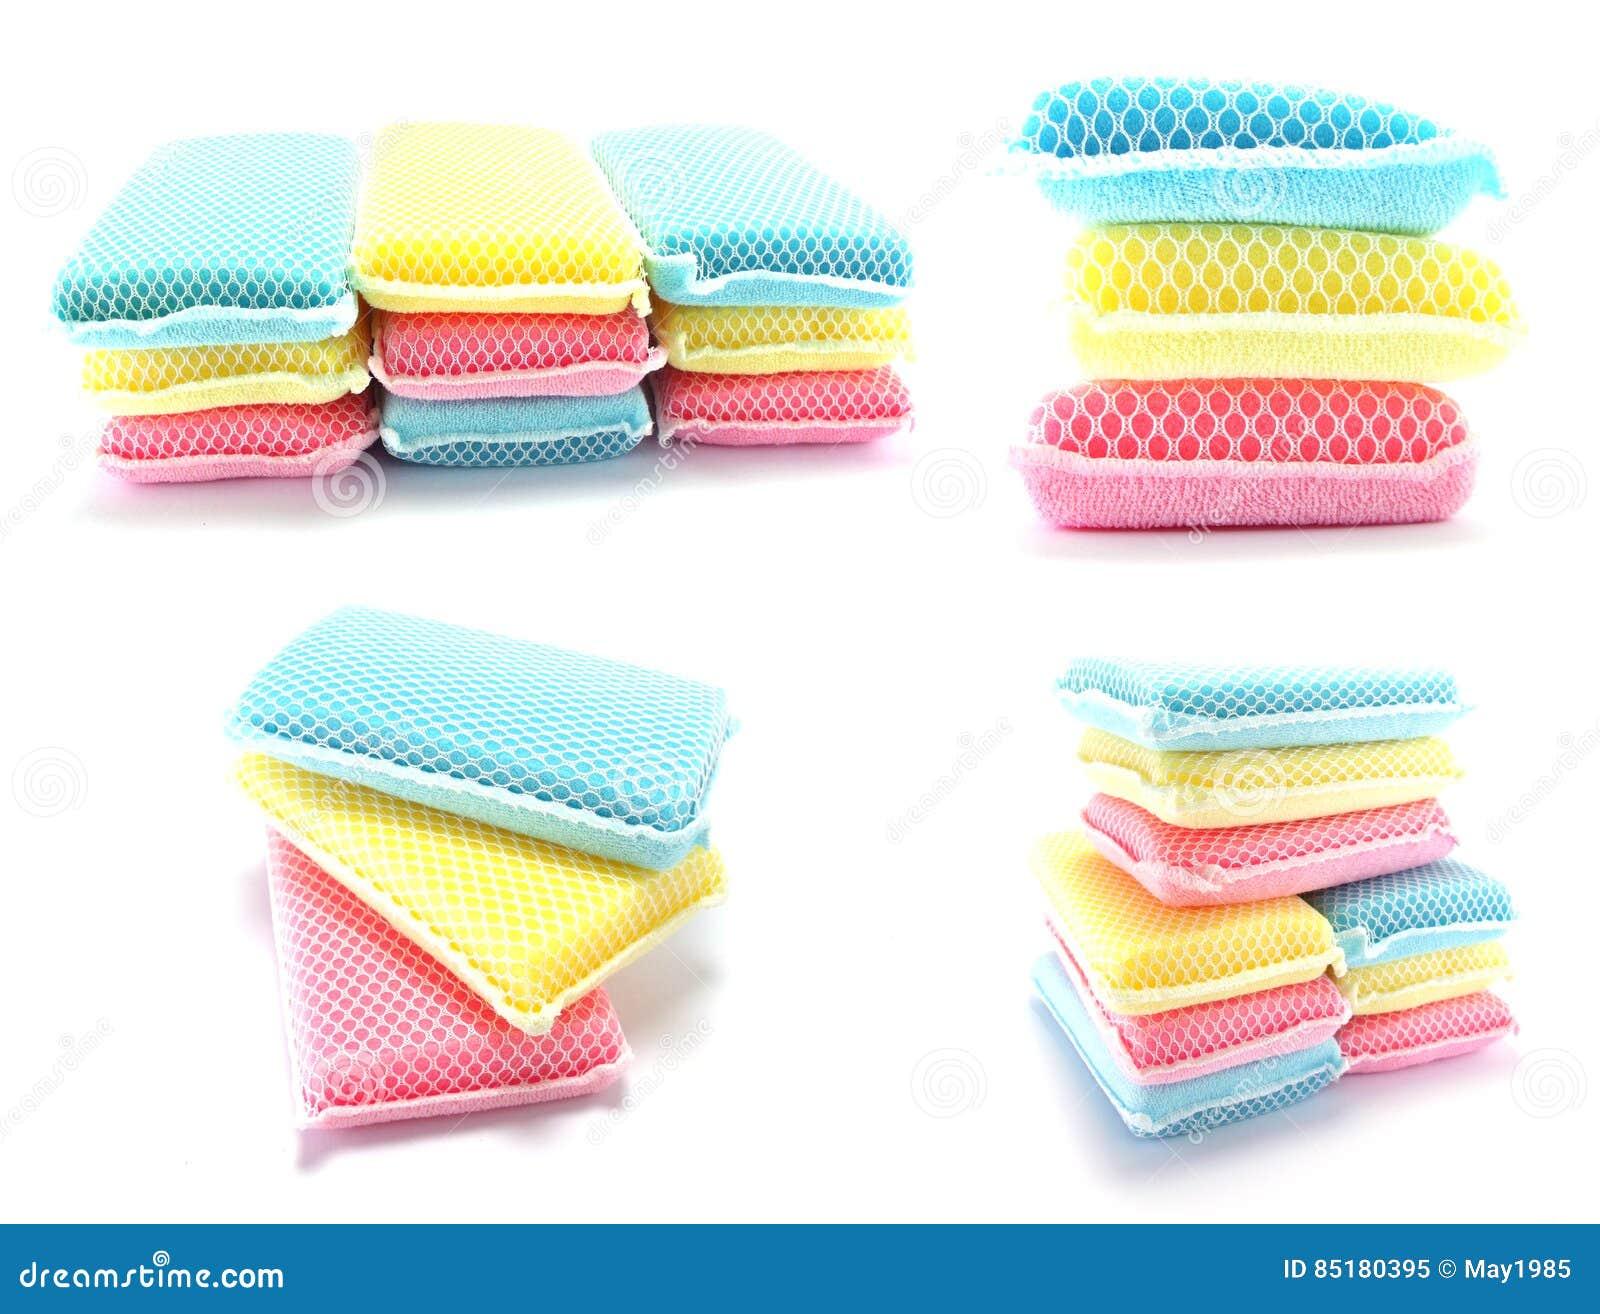 Kitchen Sponge For Washing Dishes On White Background Stock Image ...